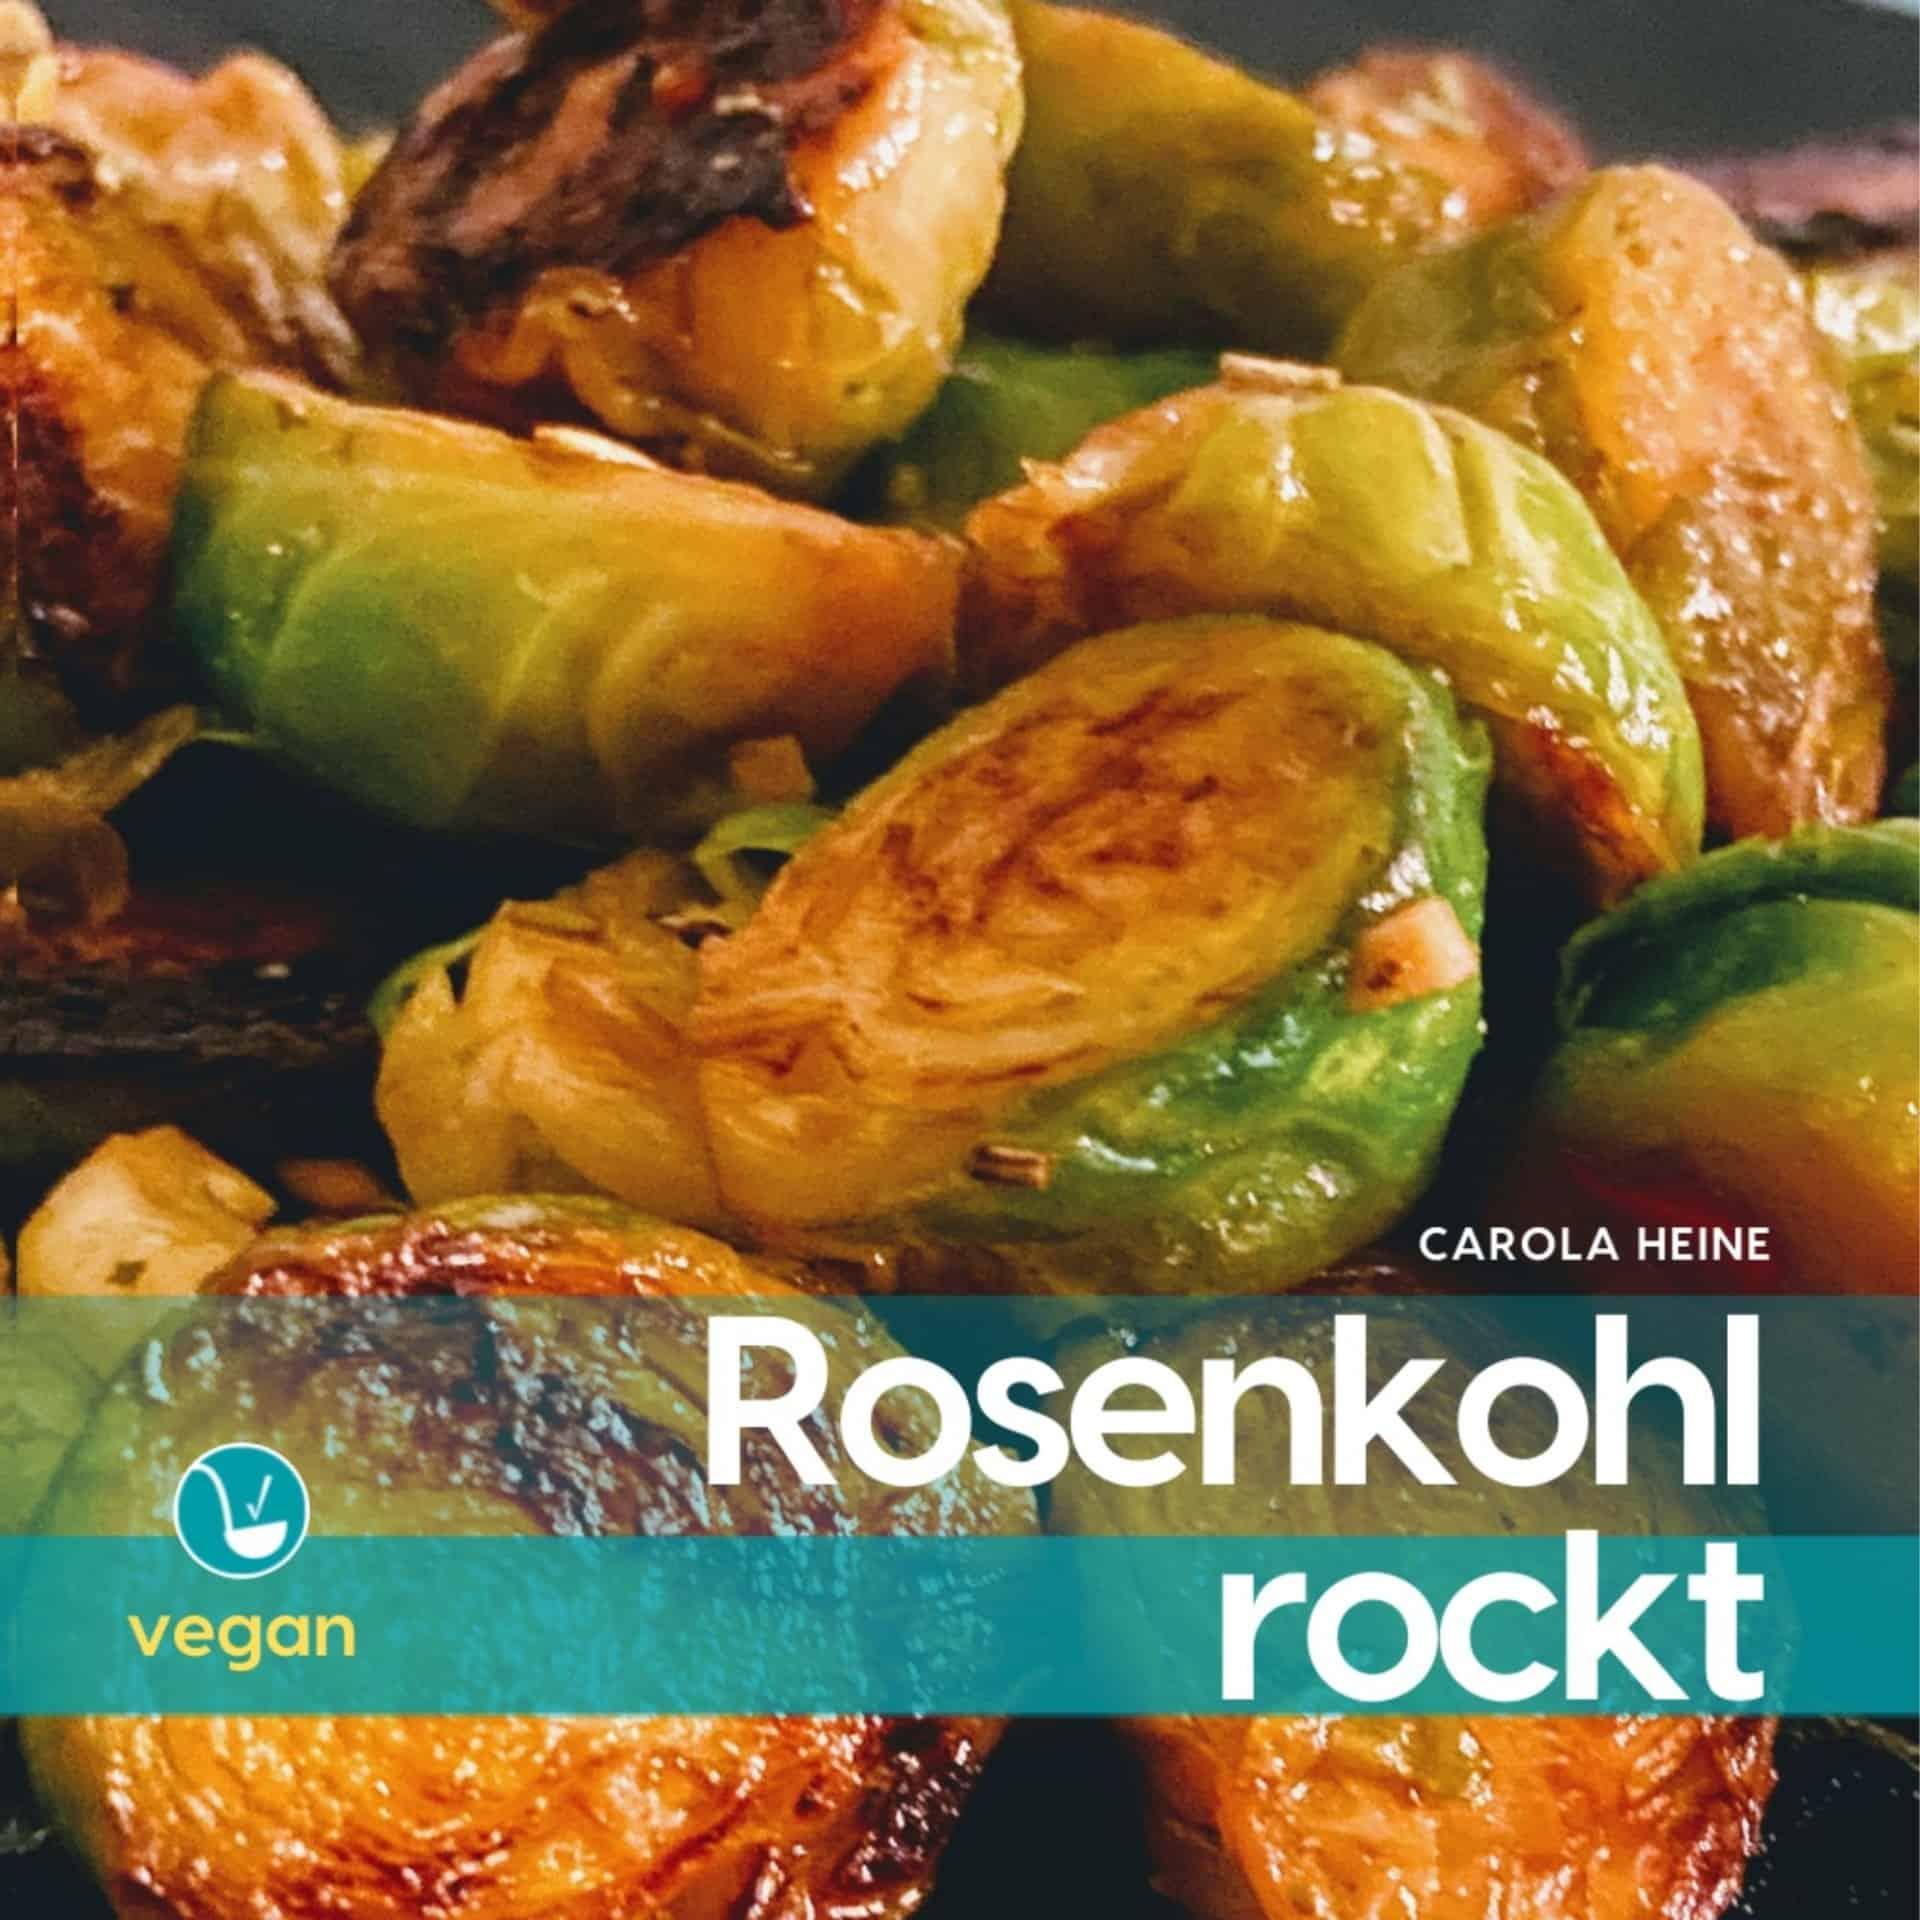 Rosenkohl rockt